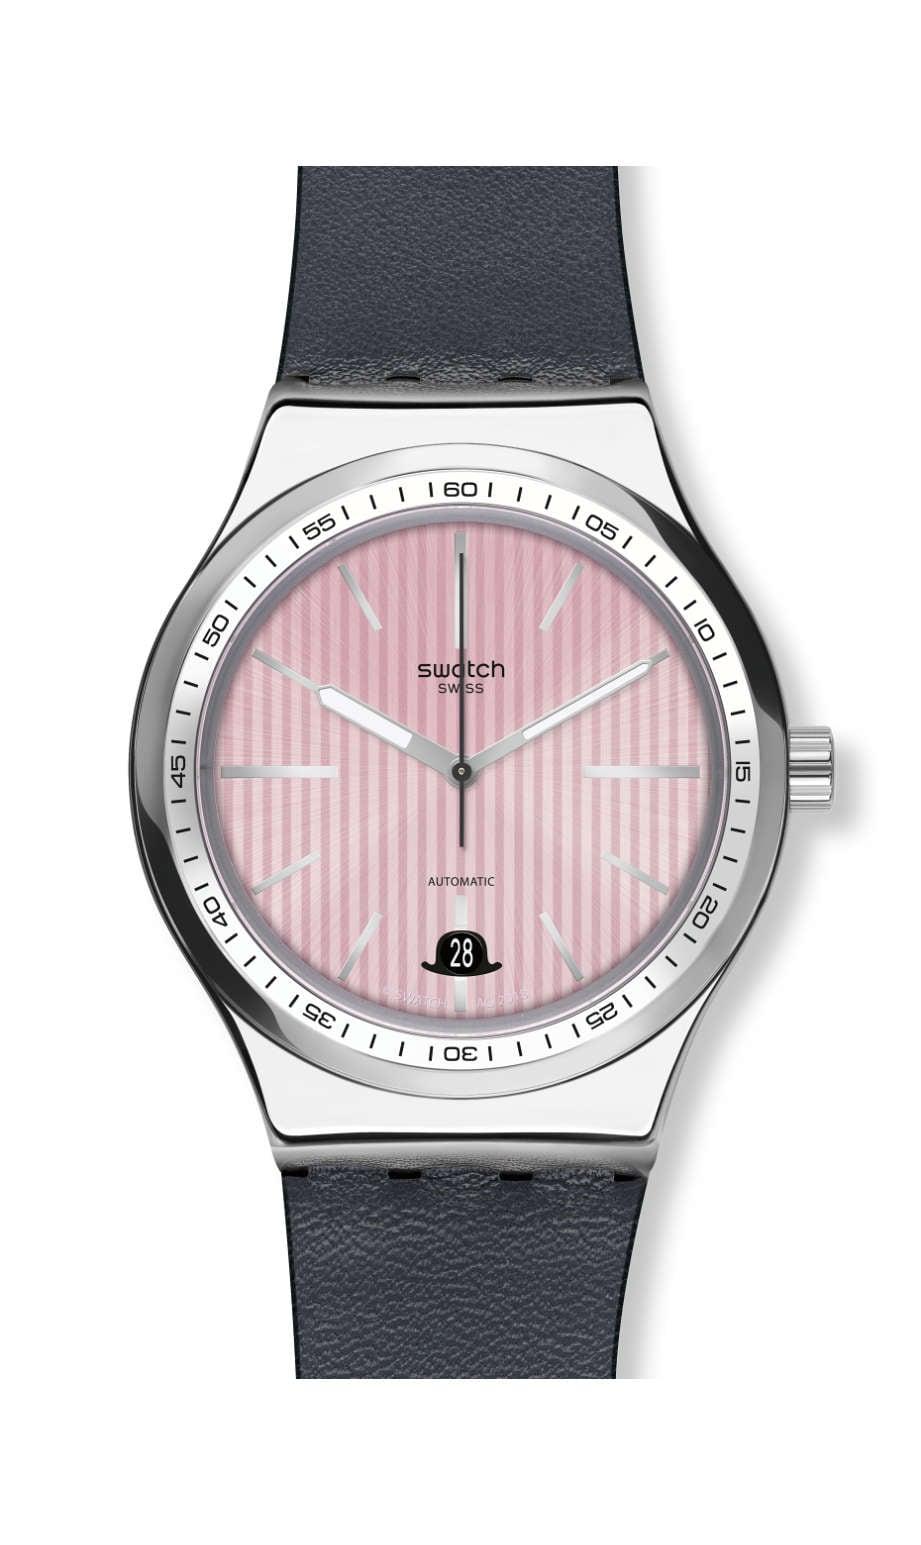 Swatch - JERMYN. - 1